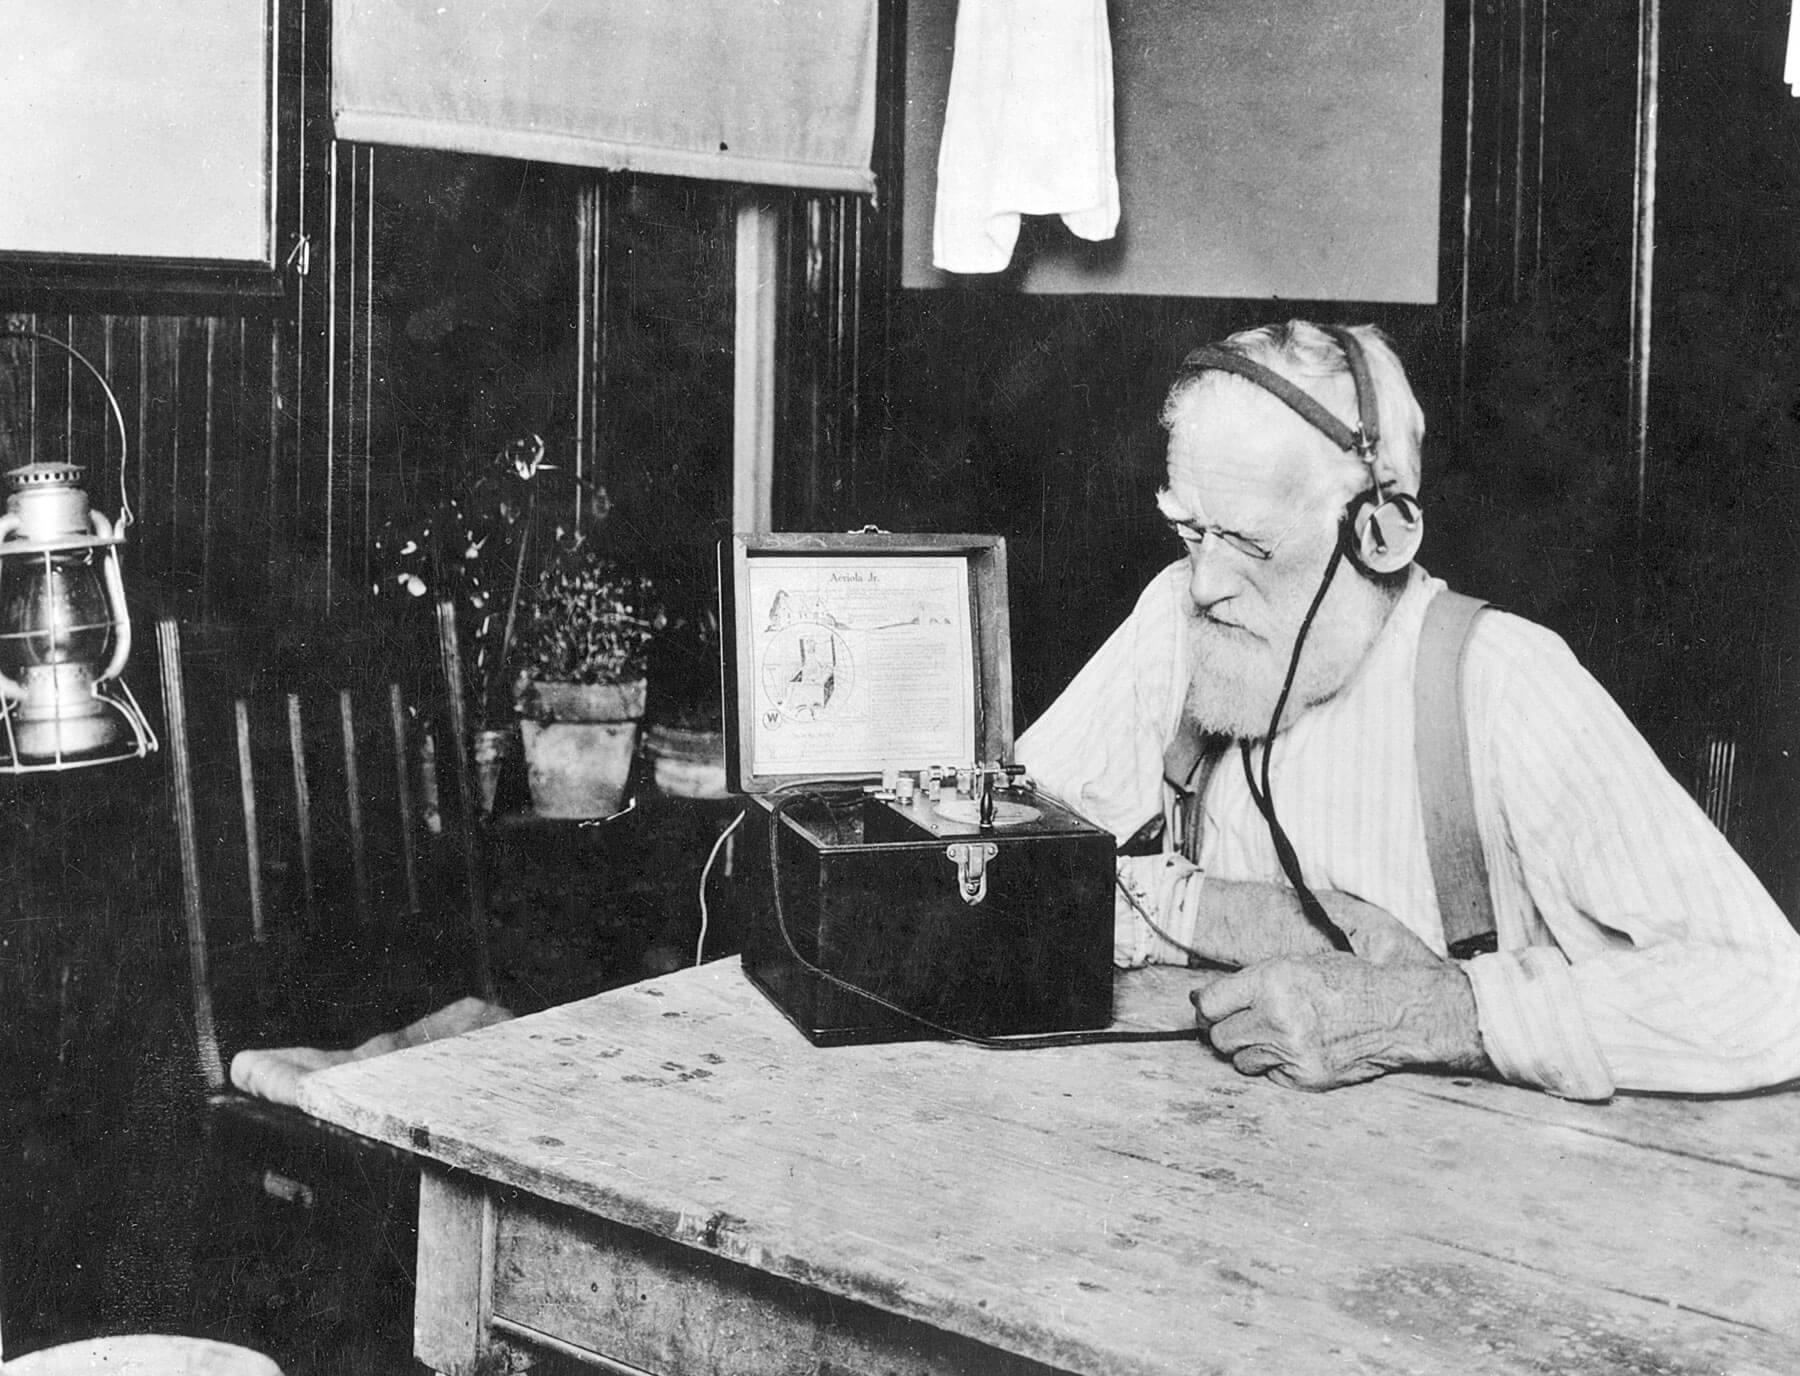 Фермер слушает передачу из Вашингтона в 1923 году. Источник: deborahheal.com